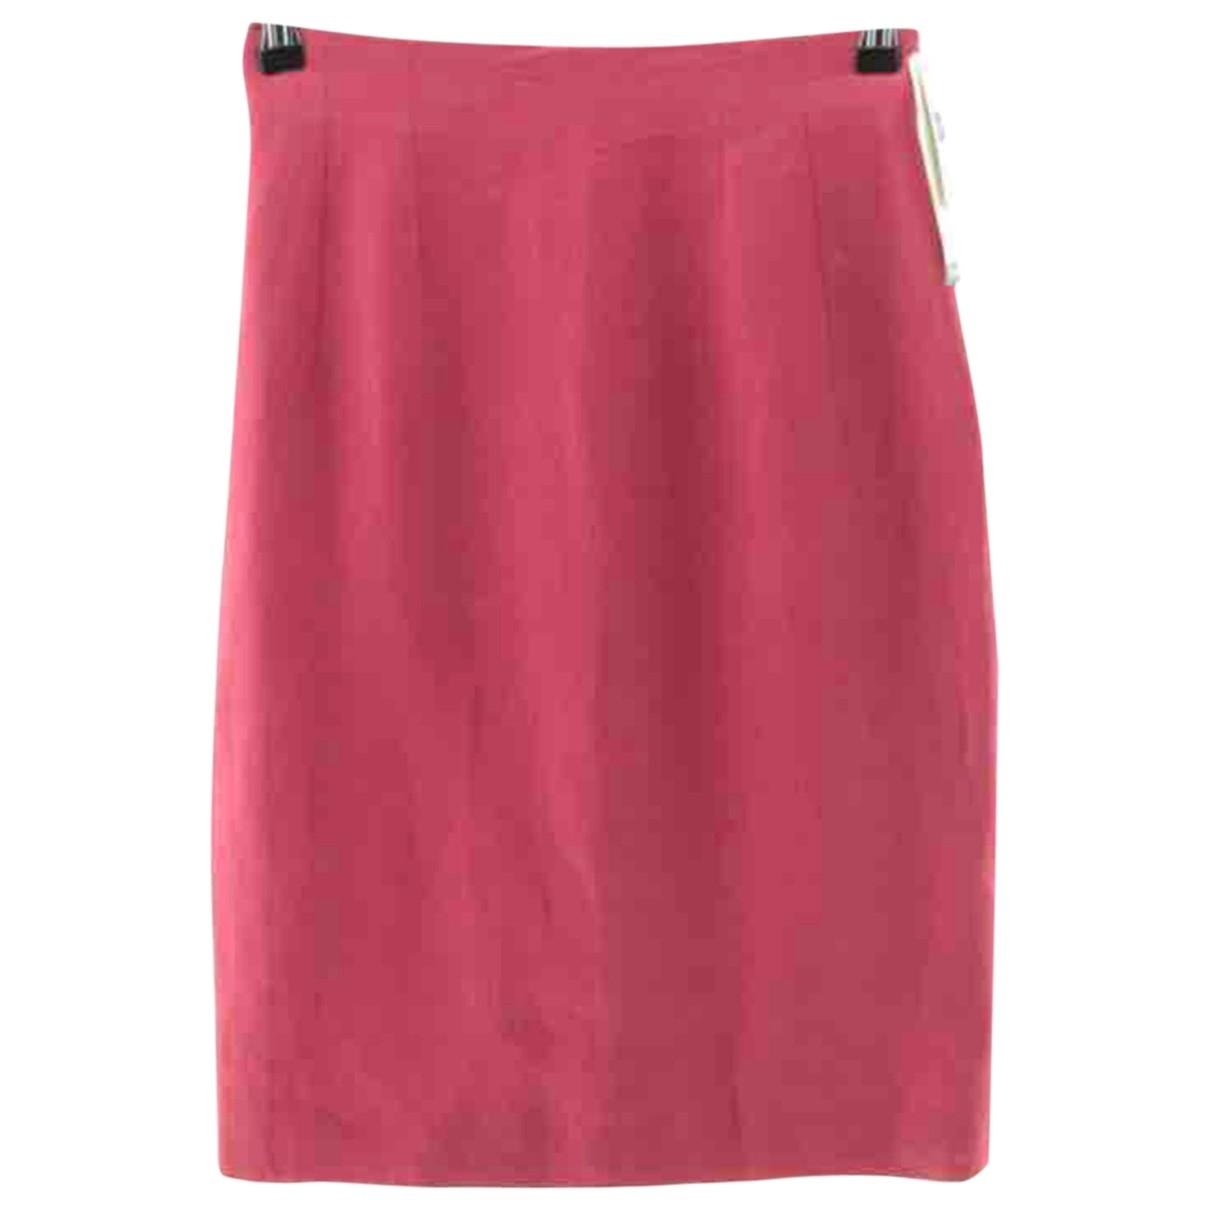 Georges Rech \N Pink Linen skirt for Women 38 FR